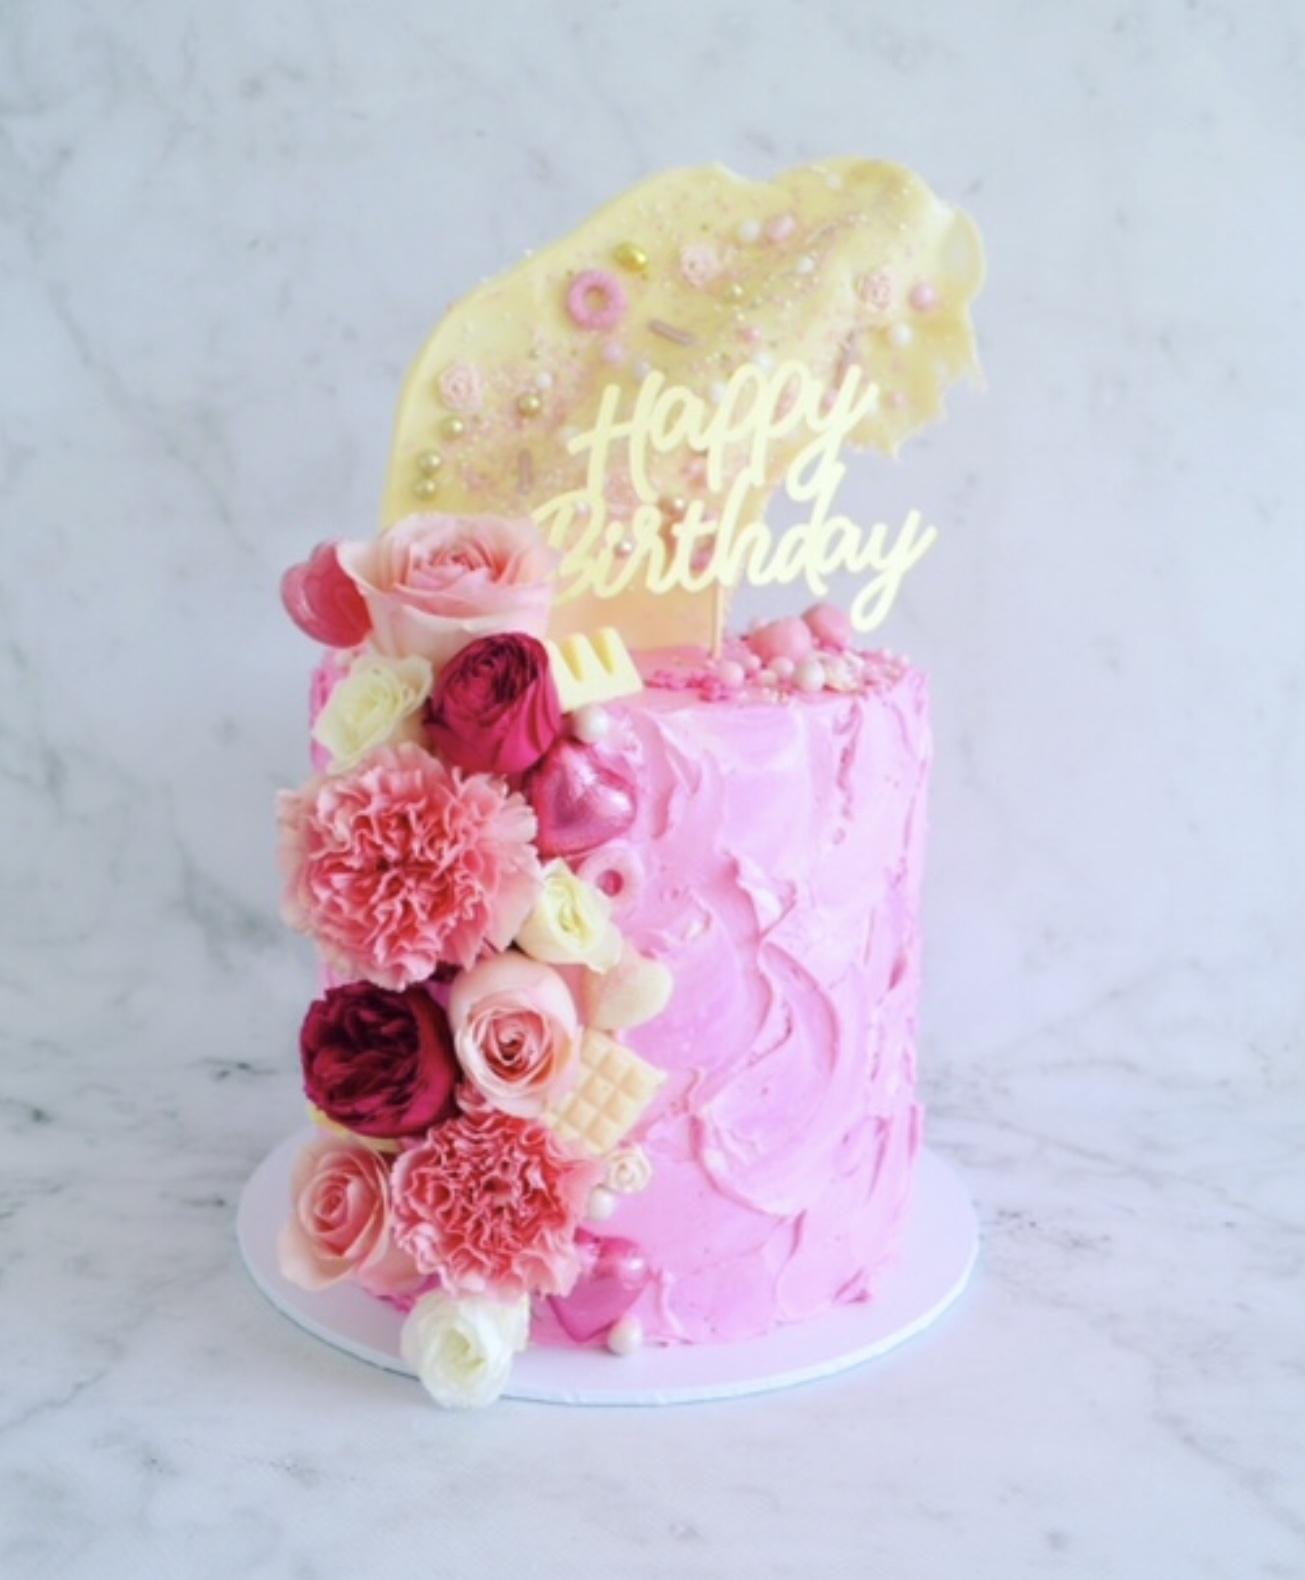 The HAPPY BIRTHDAY Cake